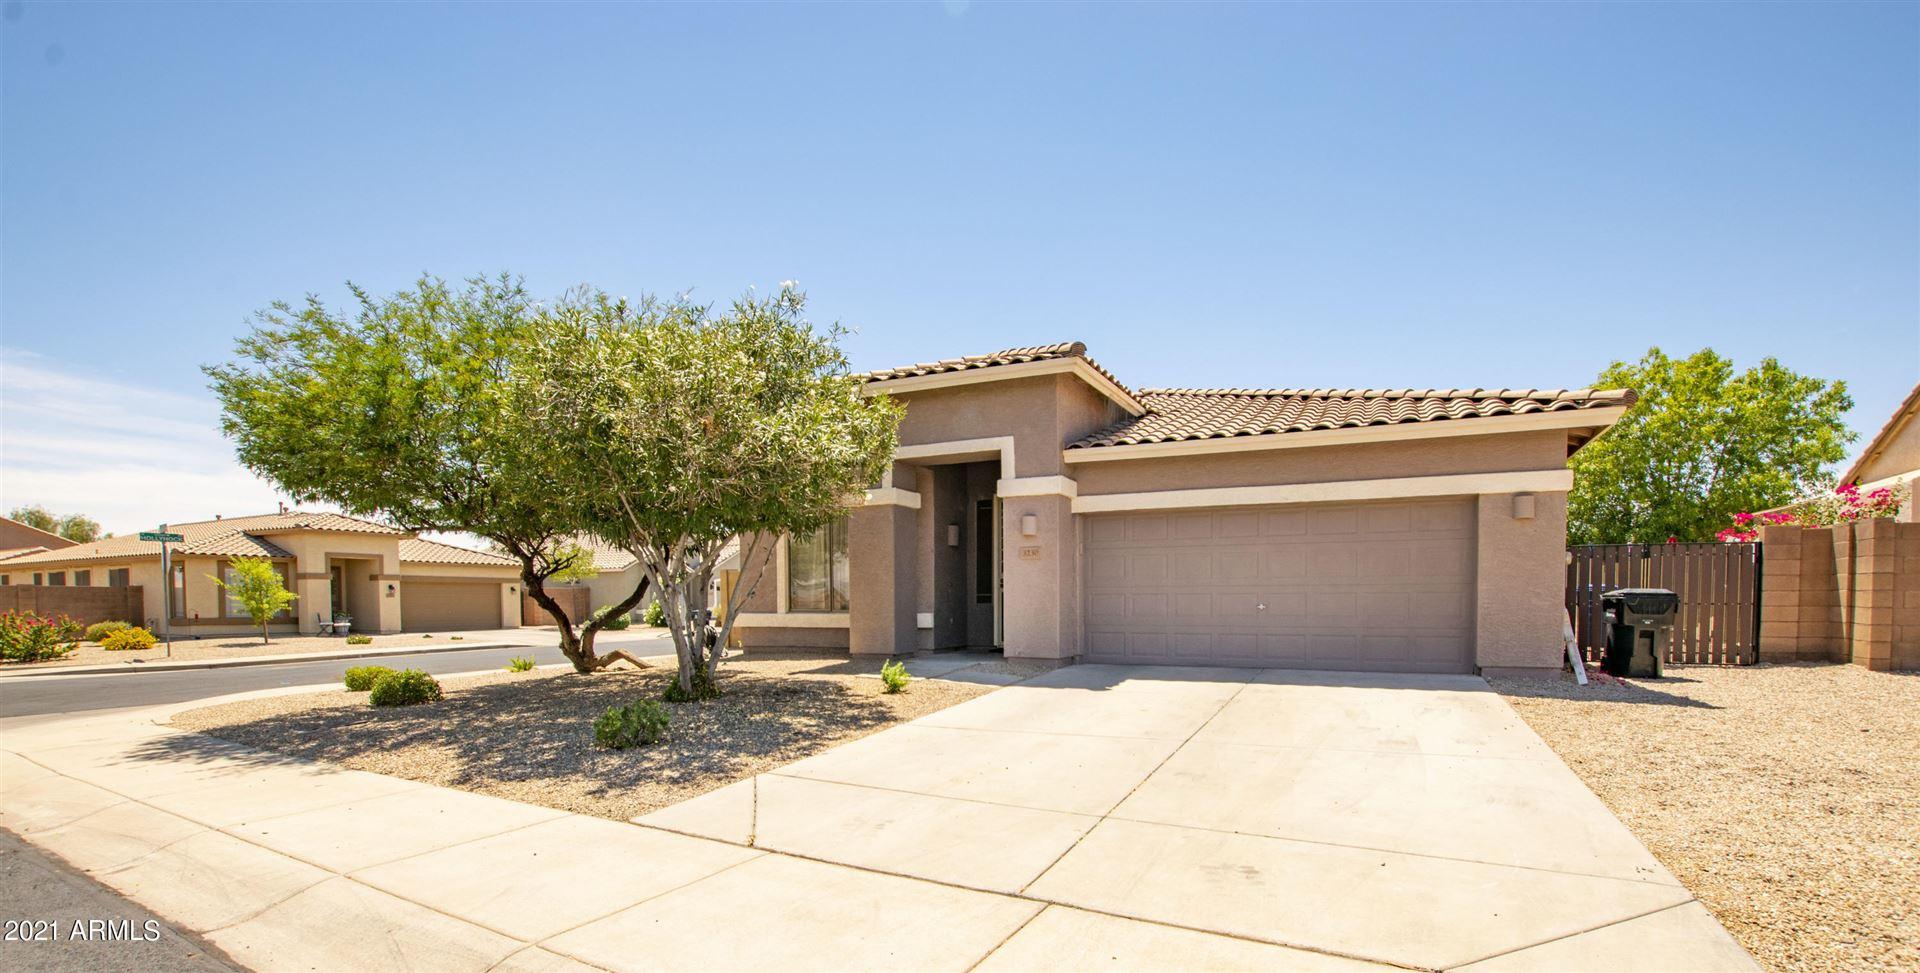 Photo of 3230 N 125TH Drive, Avondale, AZ 85392 (MLS # 6247297)